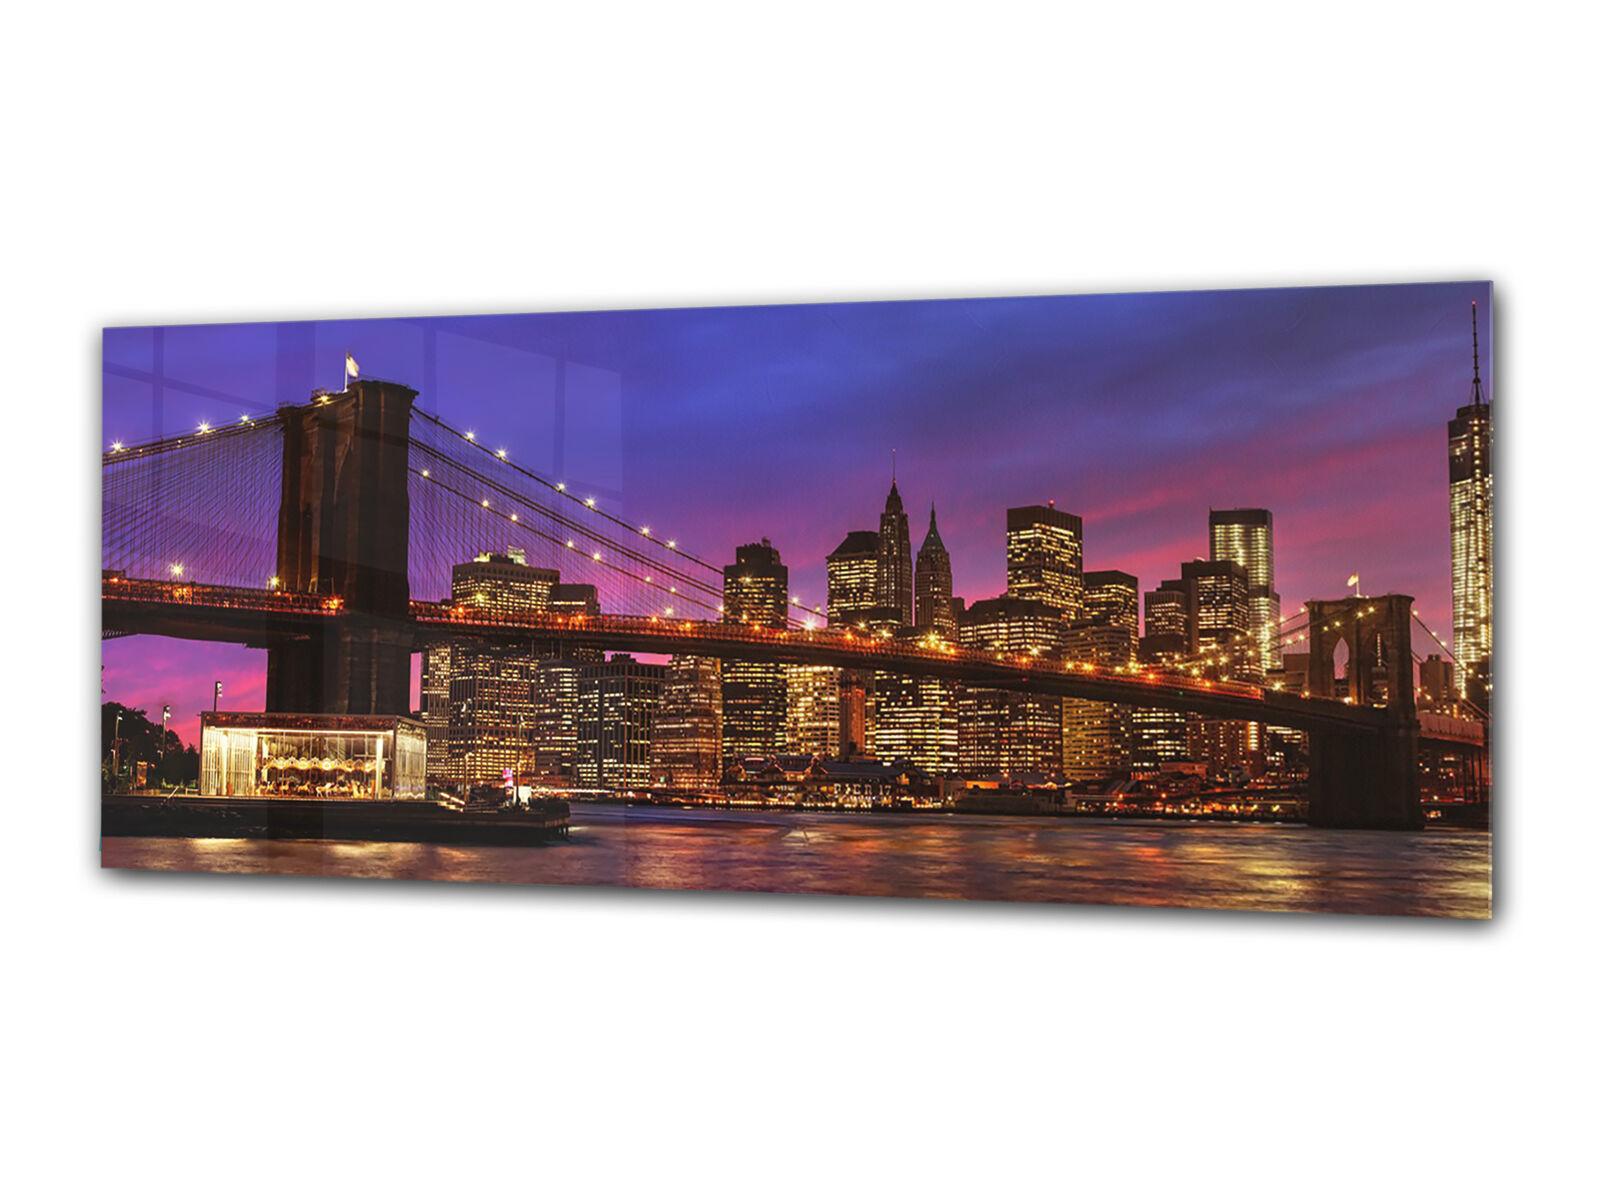 Glas Drucken Wand Kunst 80x30 cm Image on Glas Decorative Wand Bild 80459106